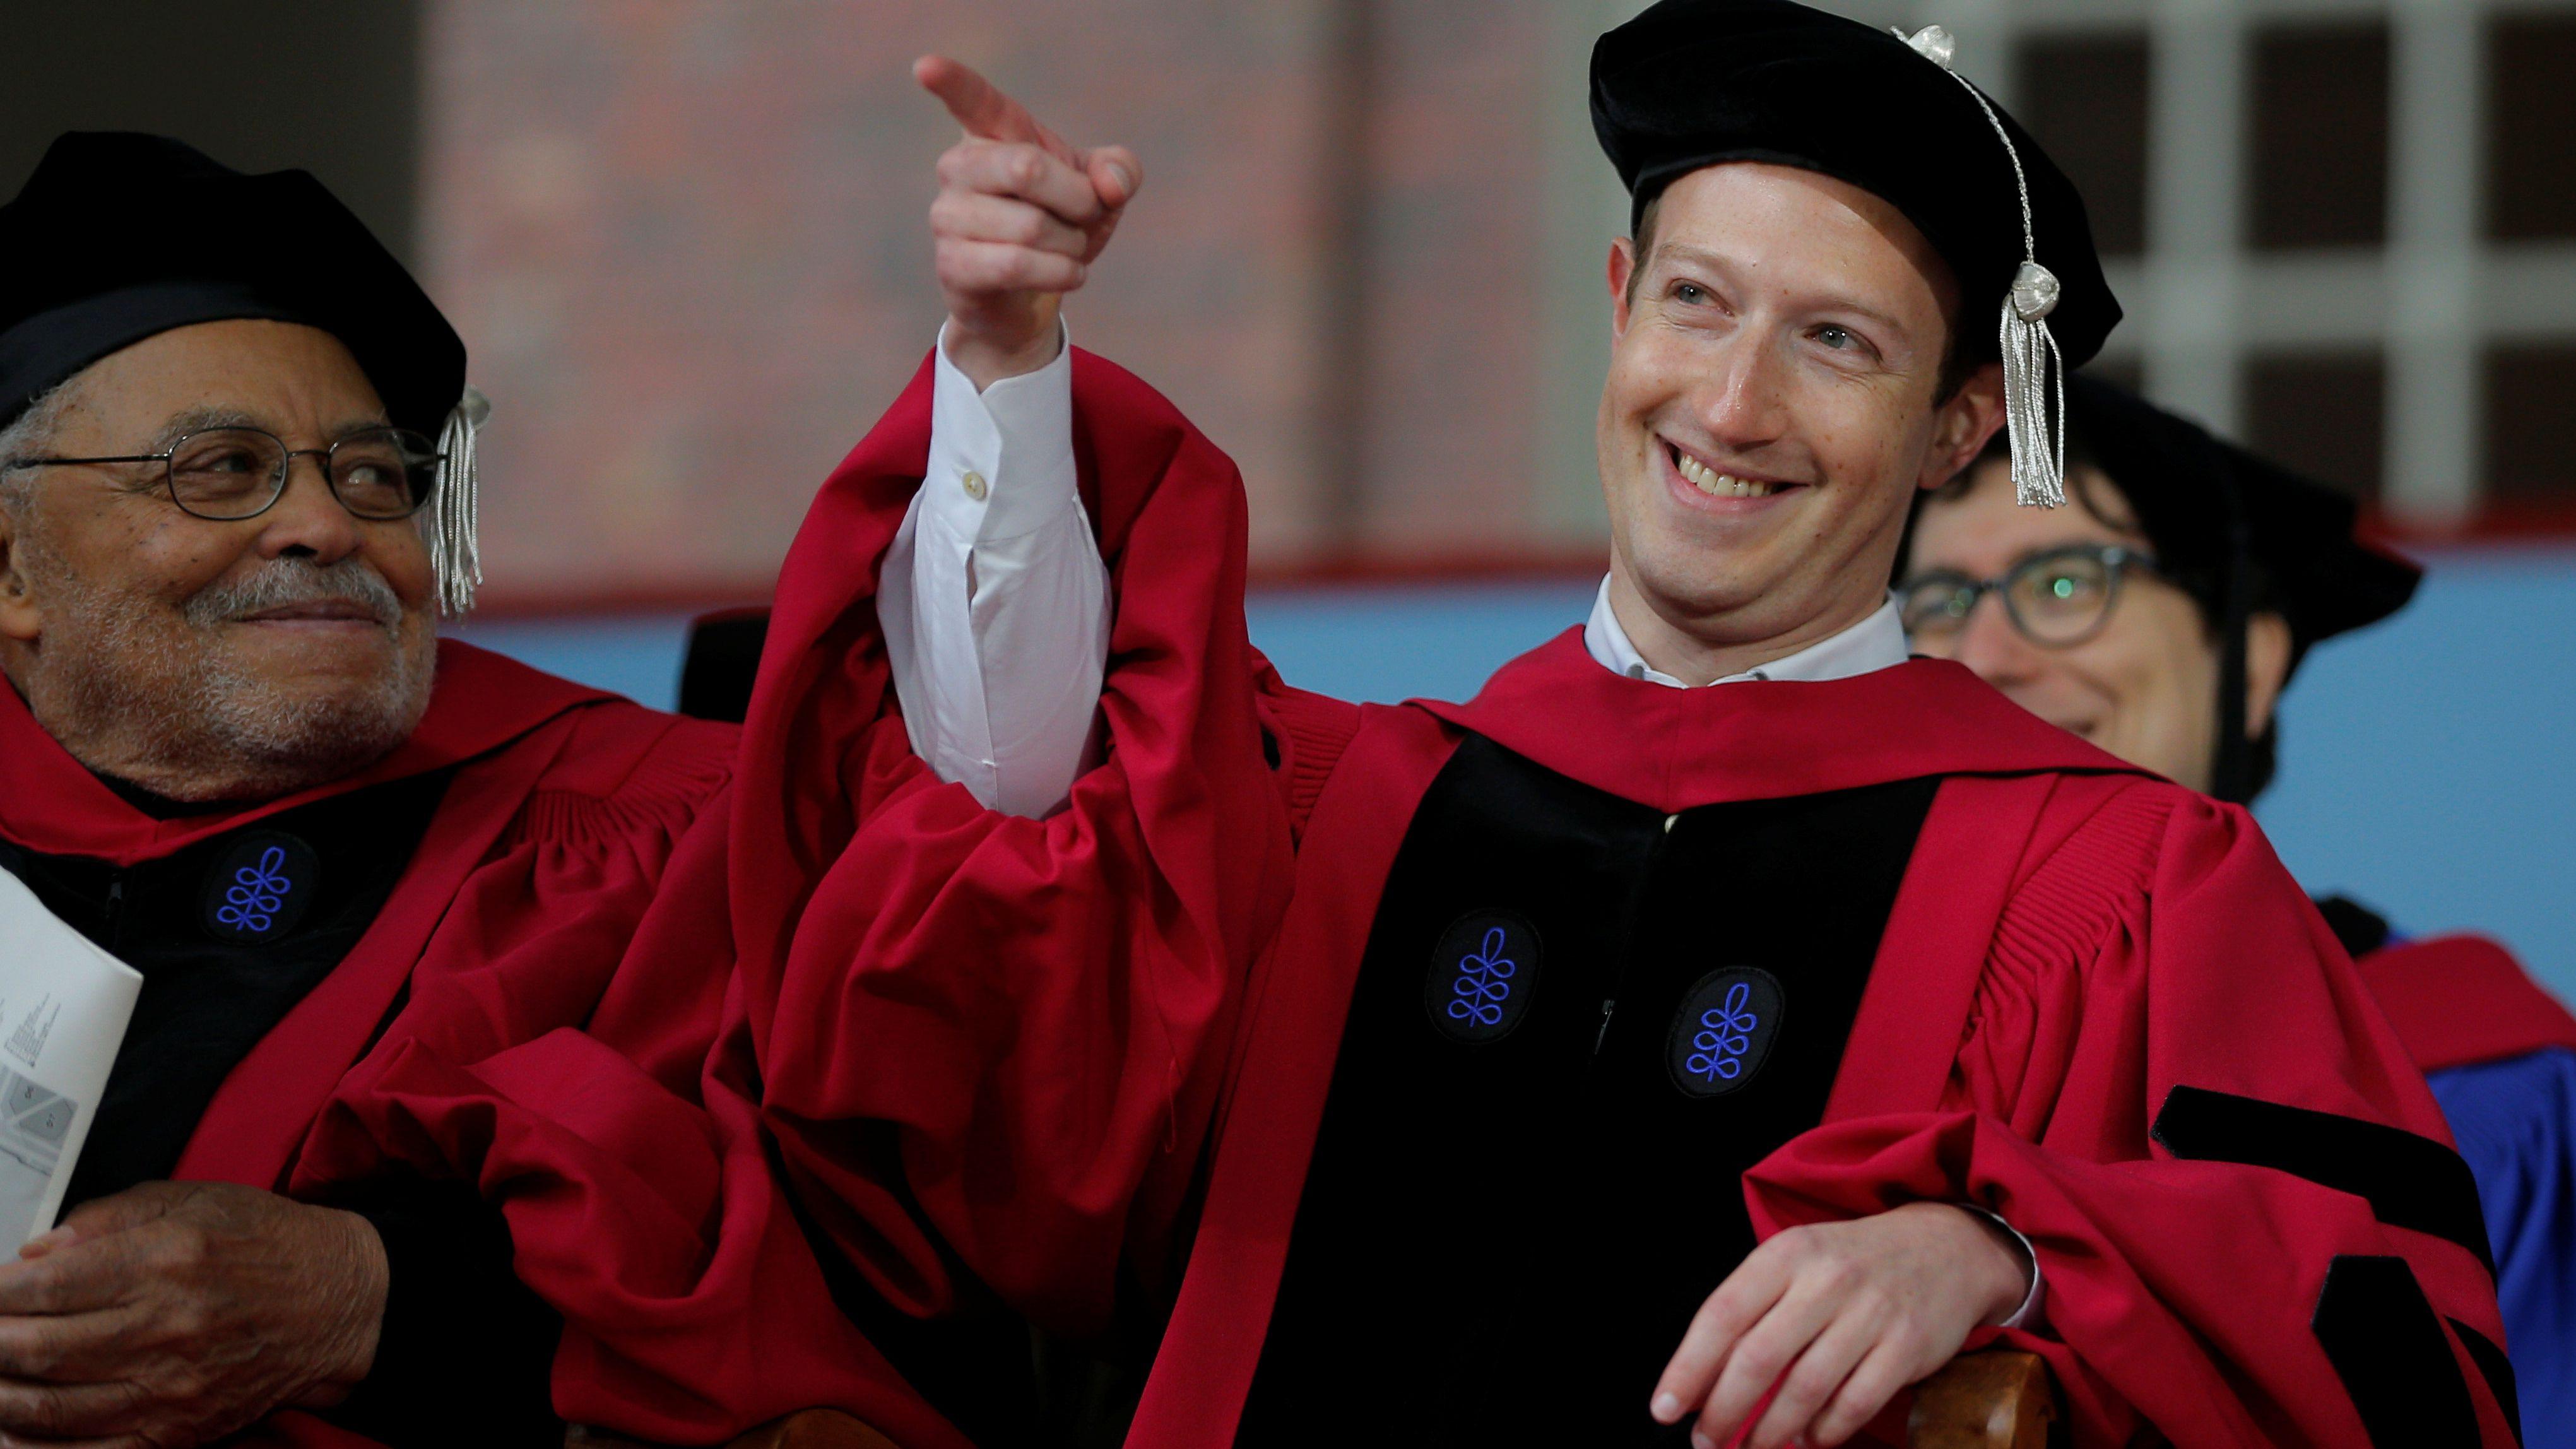 Mark Zuckerberg's Harvard speech: A full transcript of the